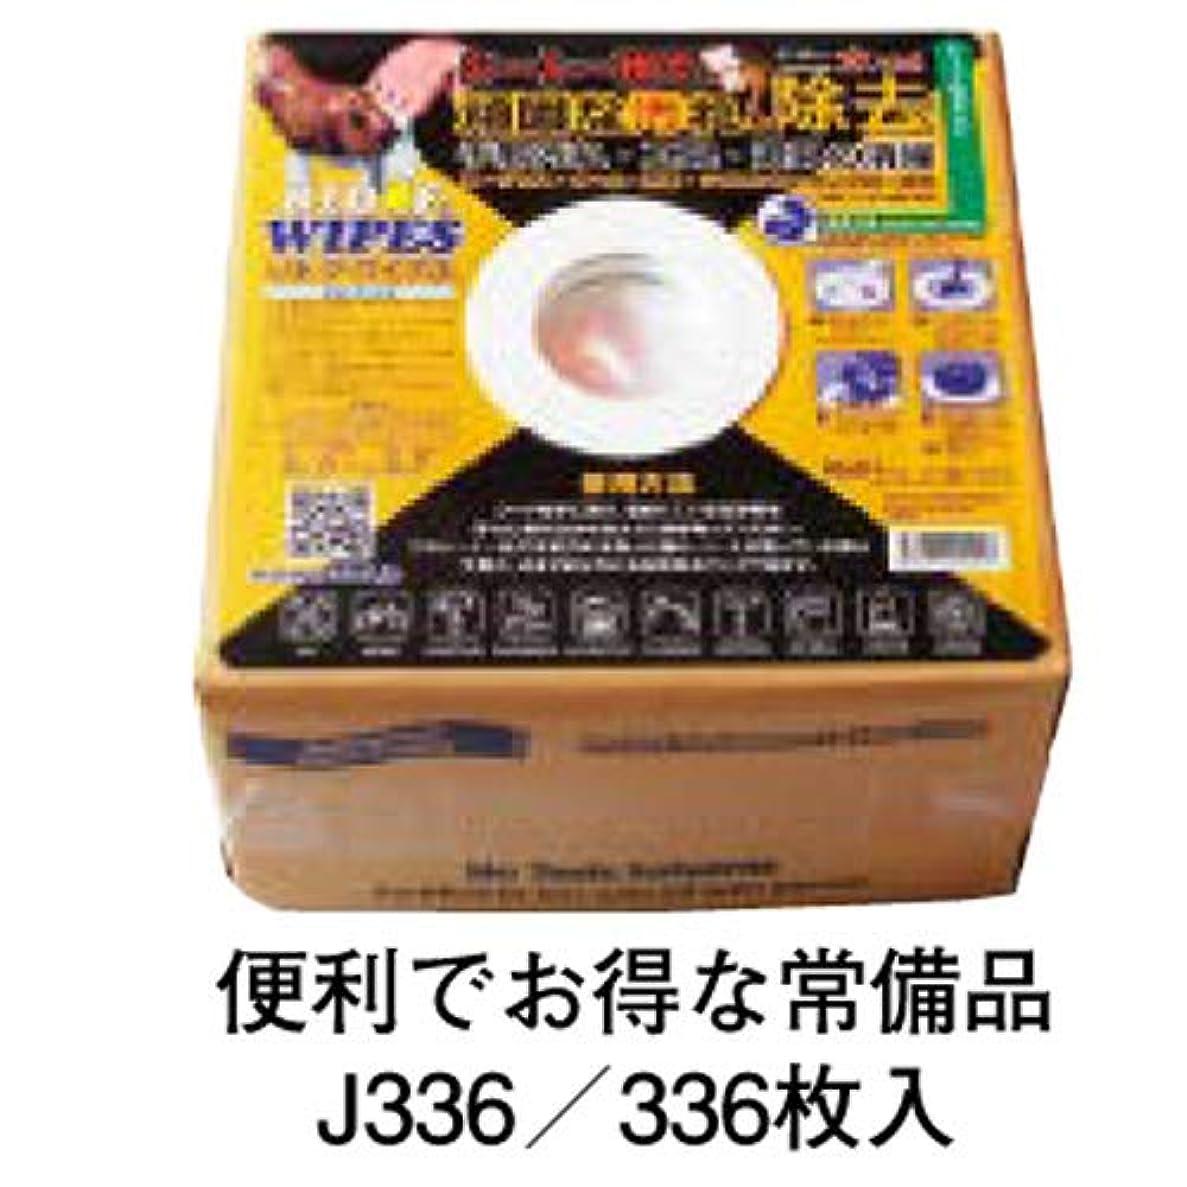 合併症野望液体リドフワイプス ボックスタイプ/336枚入 J336